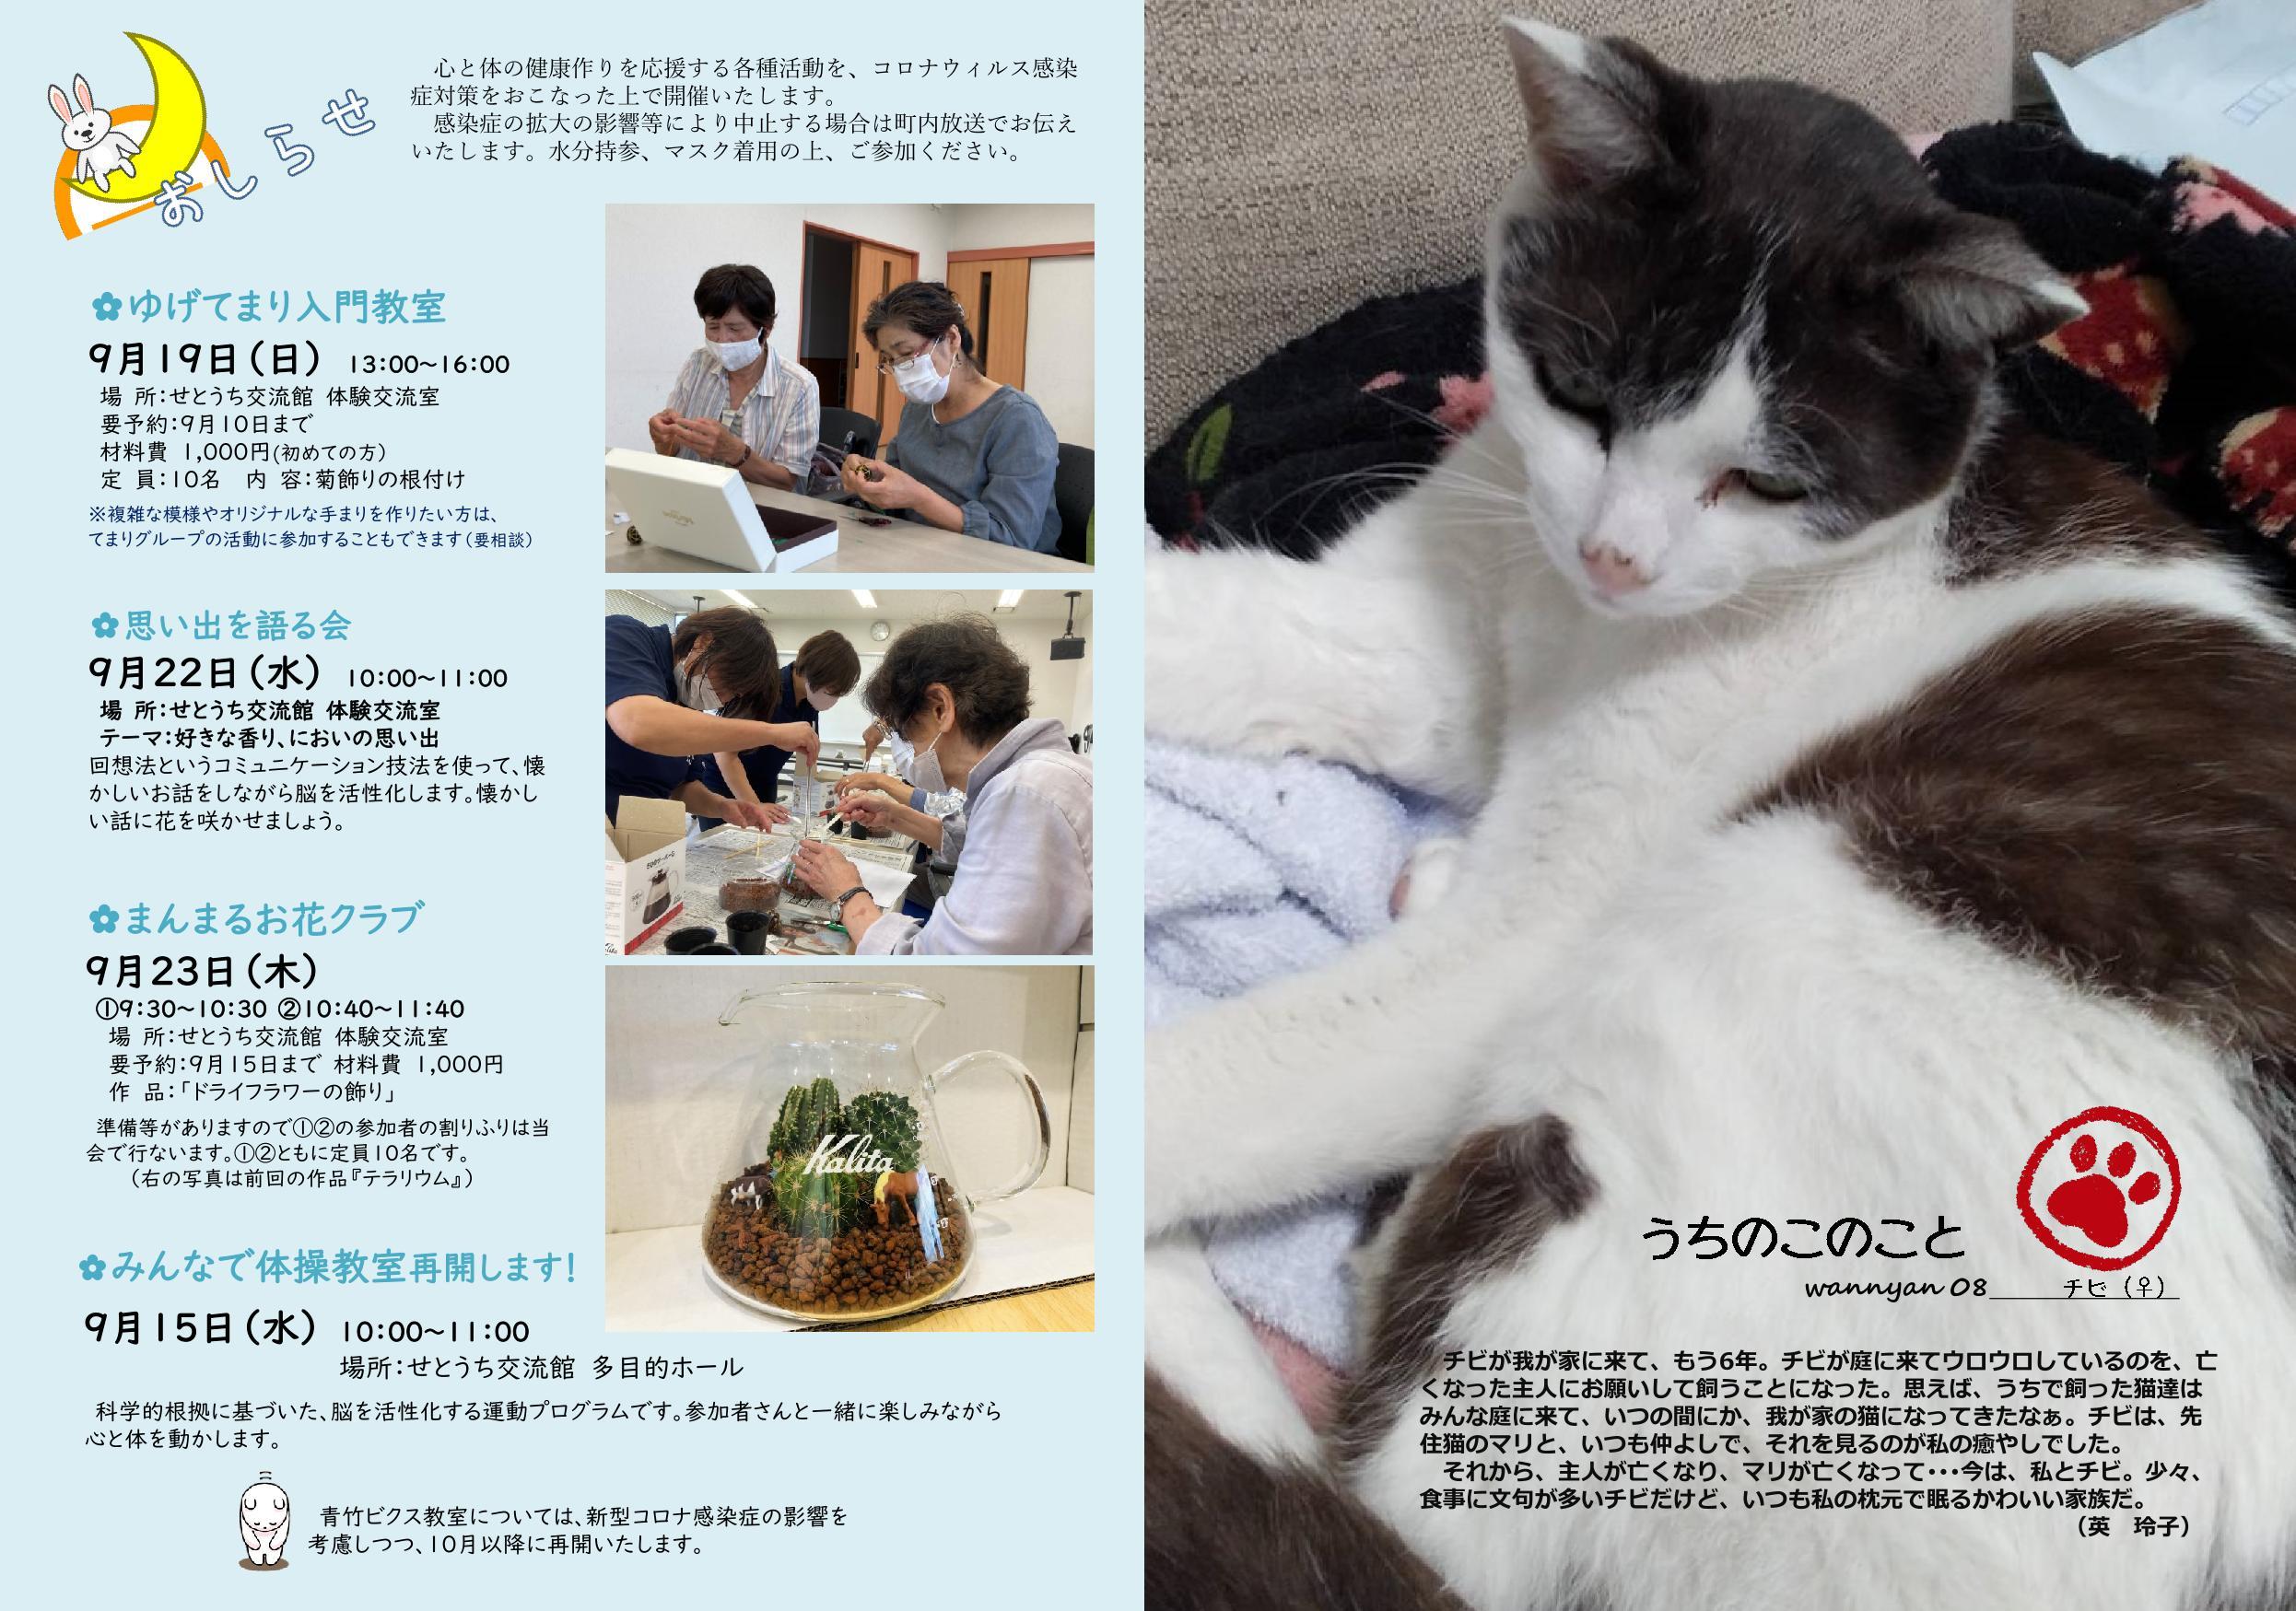 http://fukufukunokai.com/newsletter/images/8%E6%9C%88%E5%8F%B73_cropped_4.jpeg